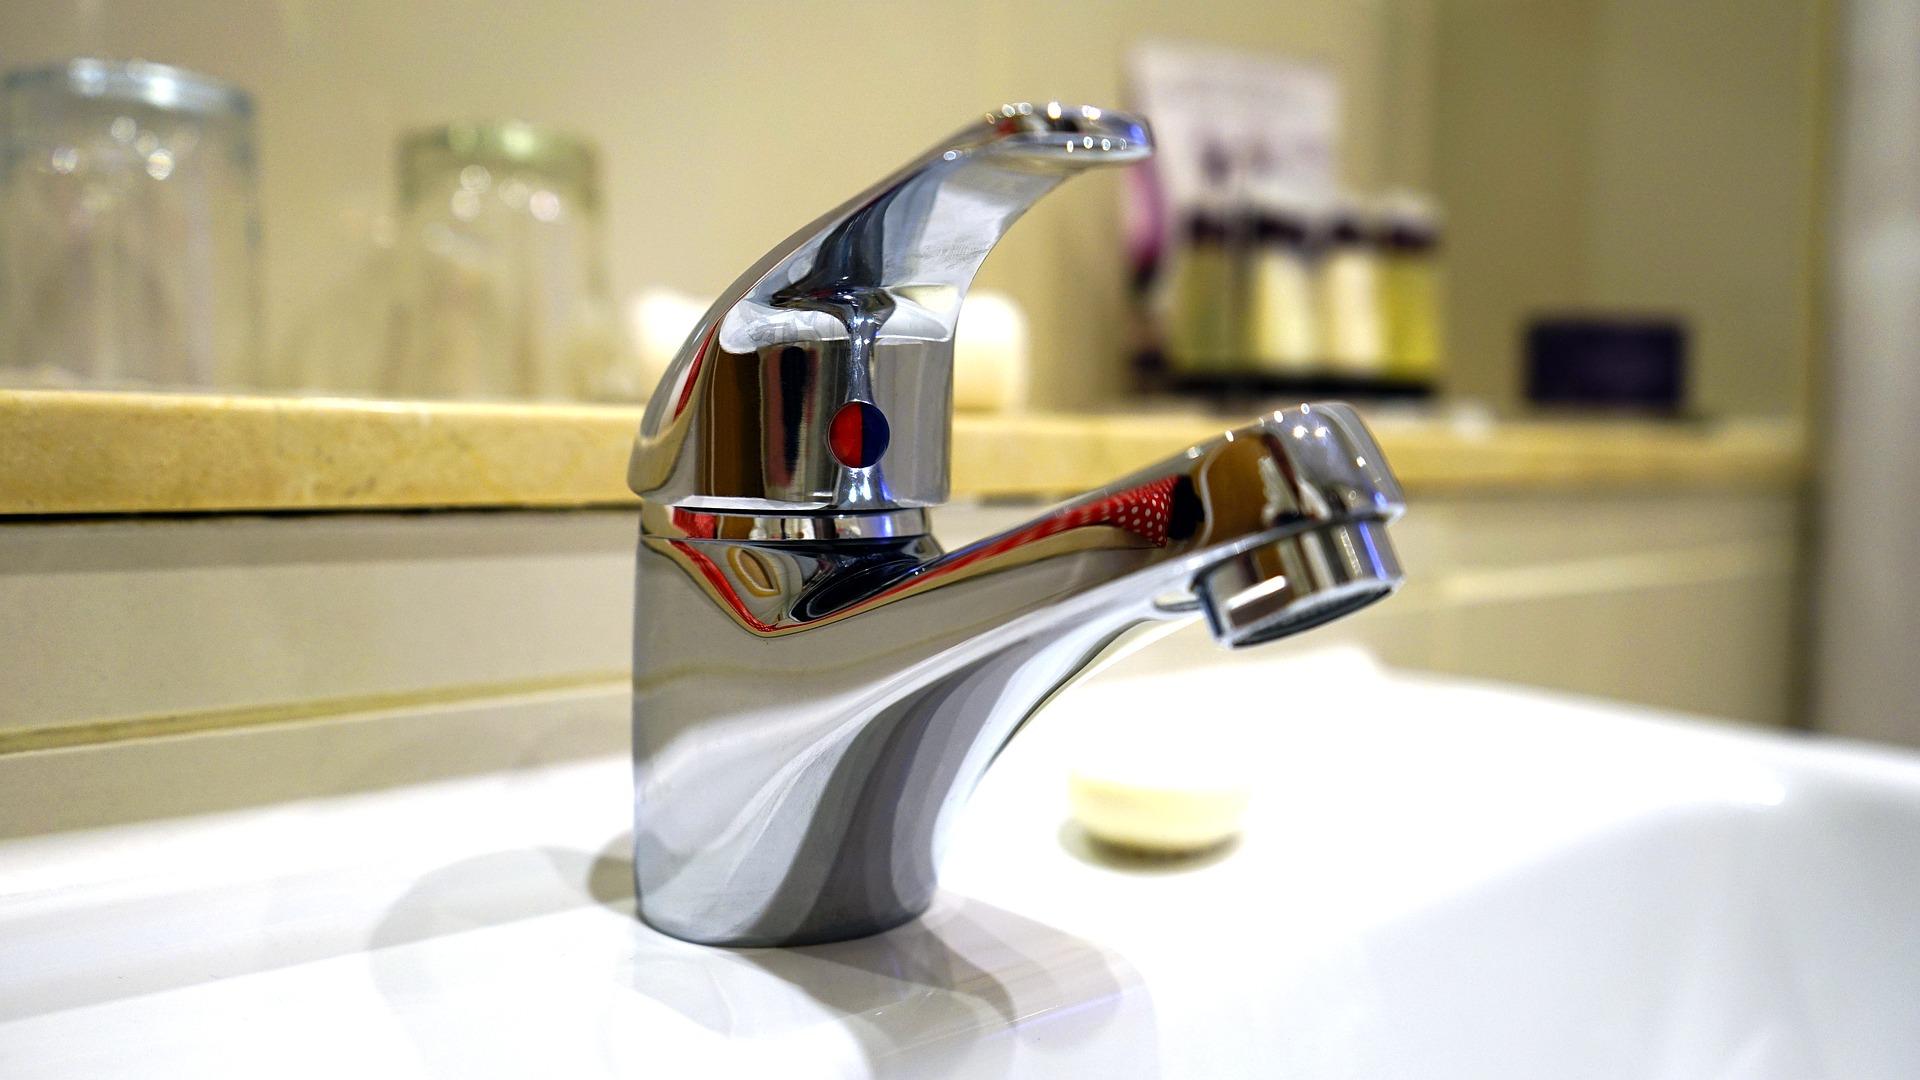 Extrem Grünspan entfernen: So erstrahlt Ihr Wasserhahn wieder wie neu FJ62